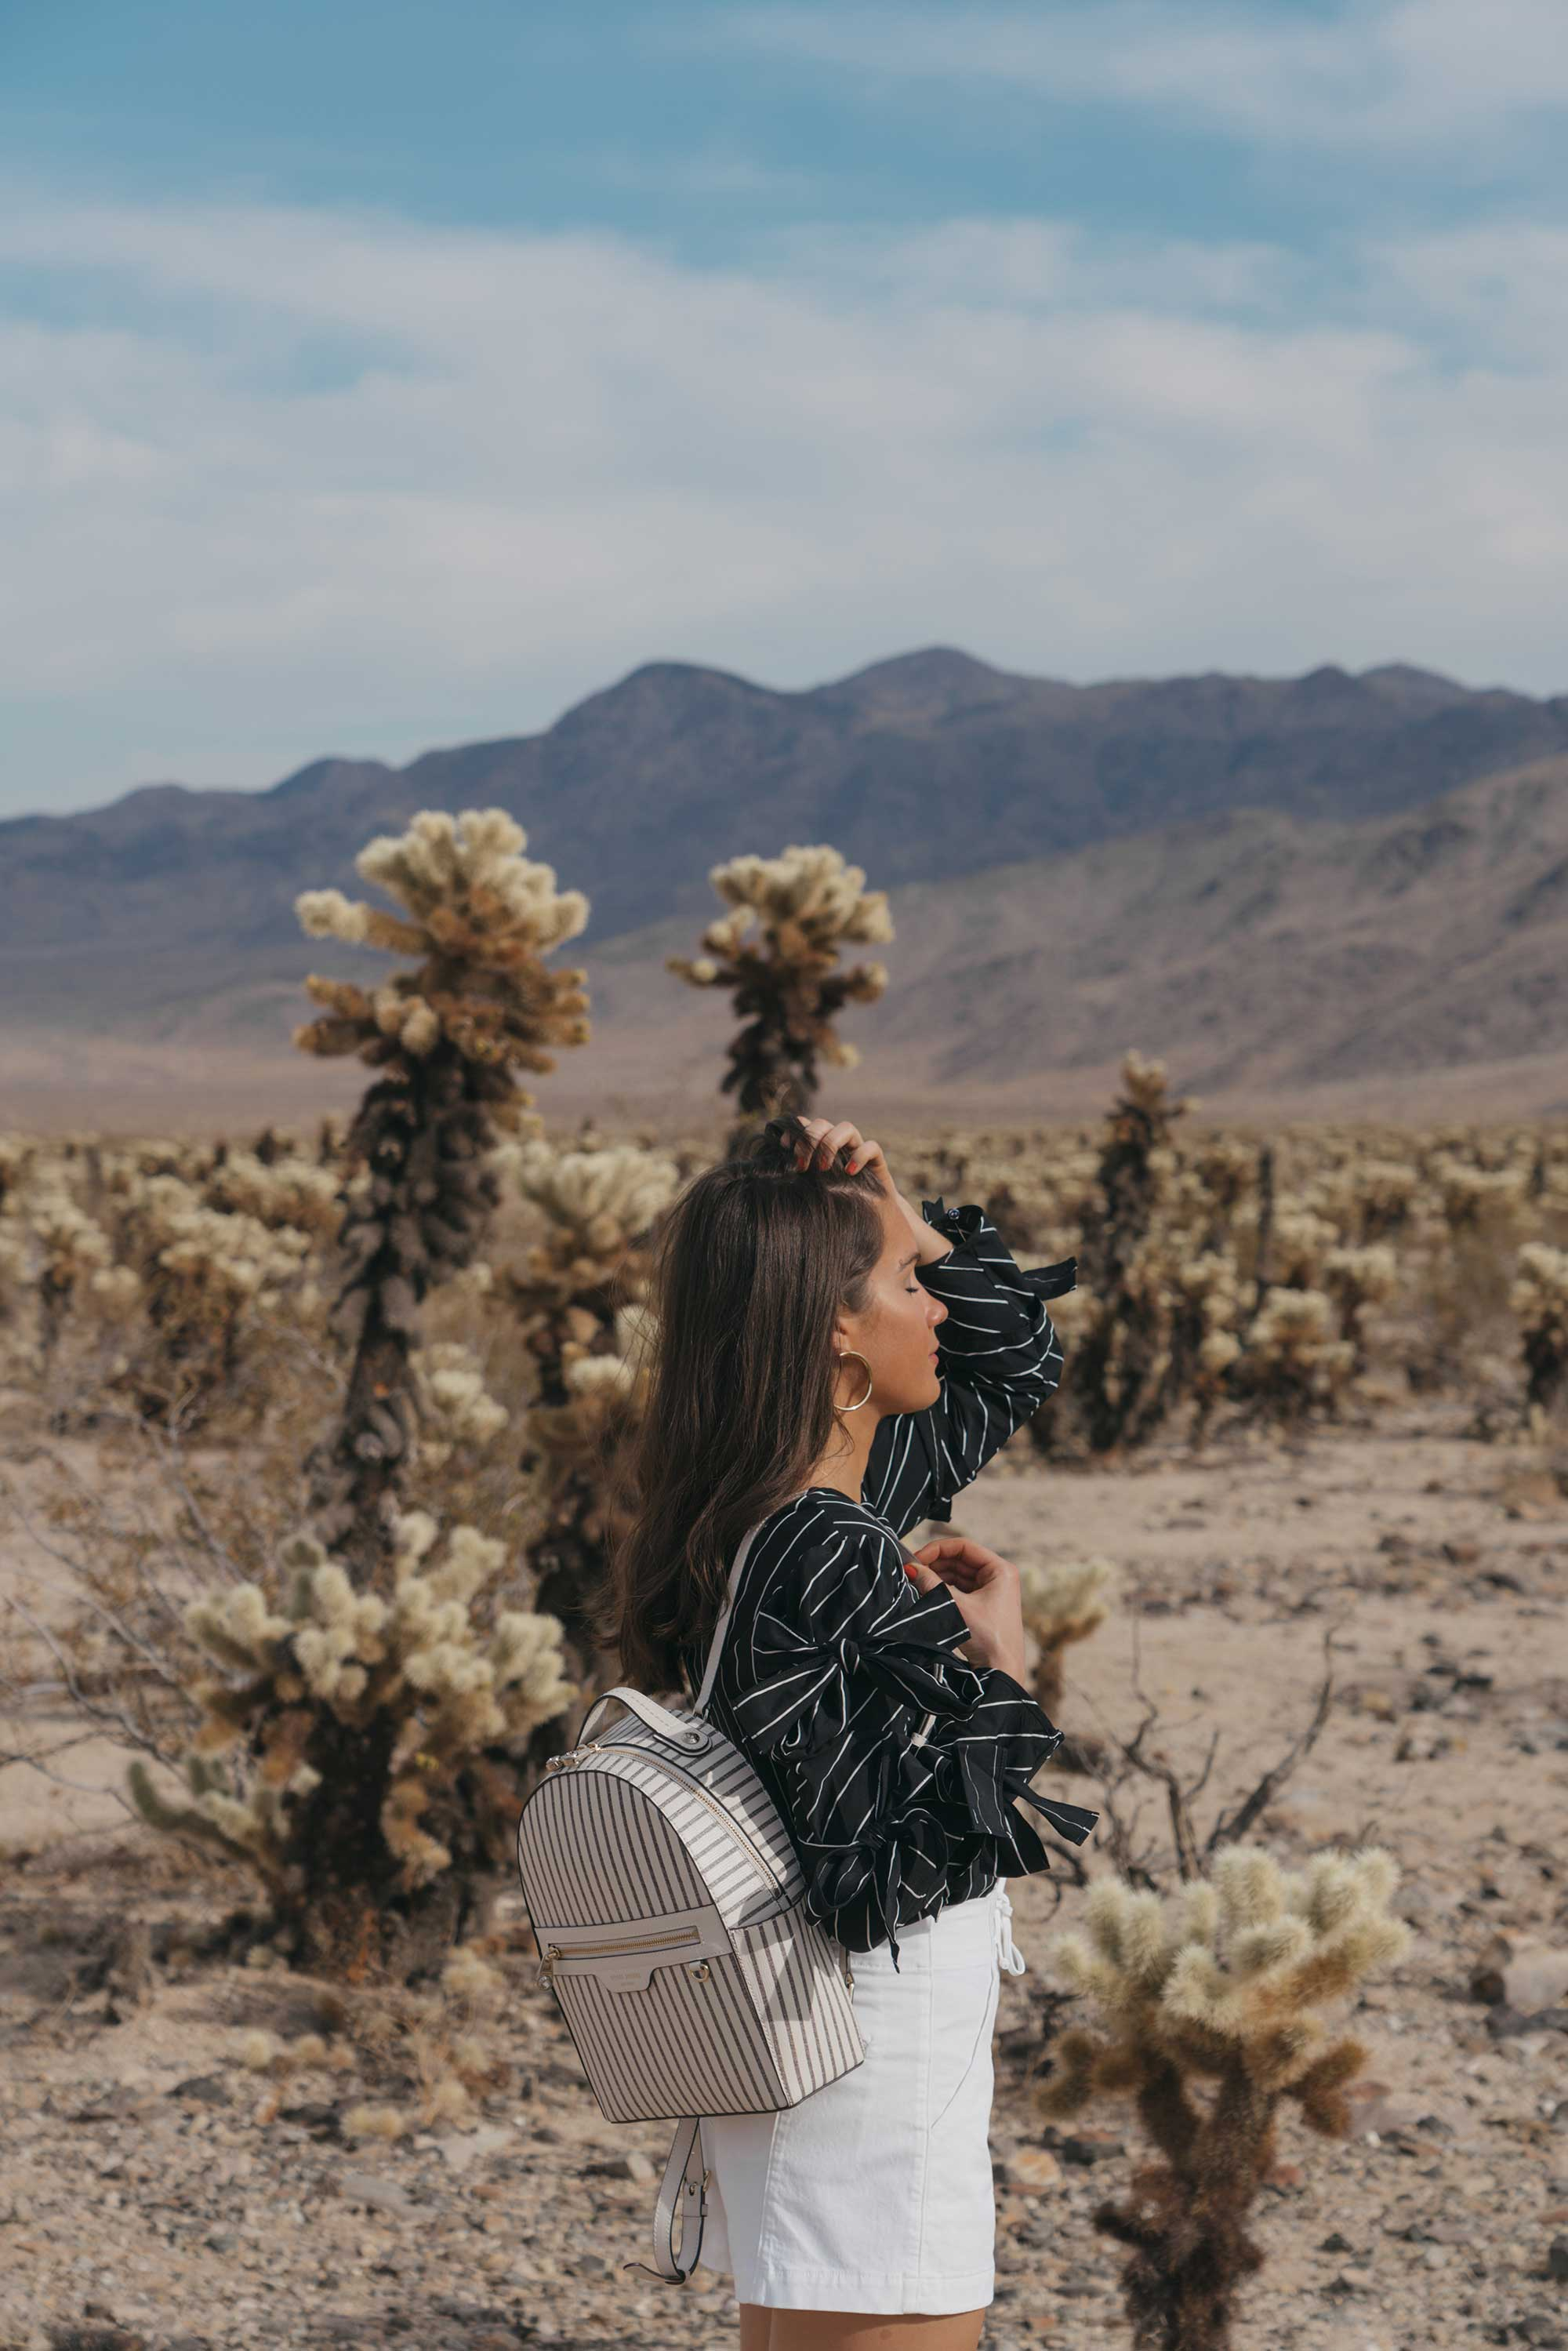 Henir Bendel WEST 57TH STRIPED BACKPACK festival outfit for Coachella Cholla Cactus Garden Joshua Tree Desert14.jpg